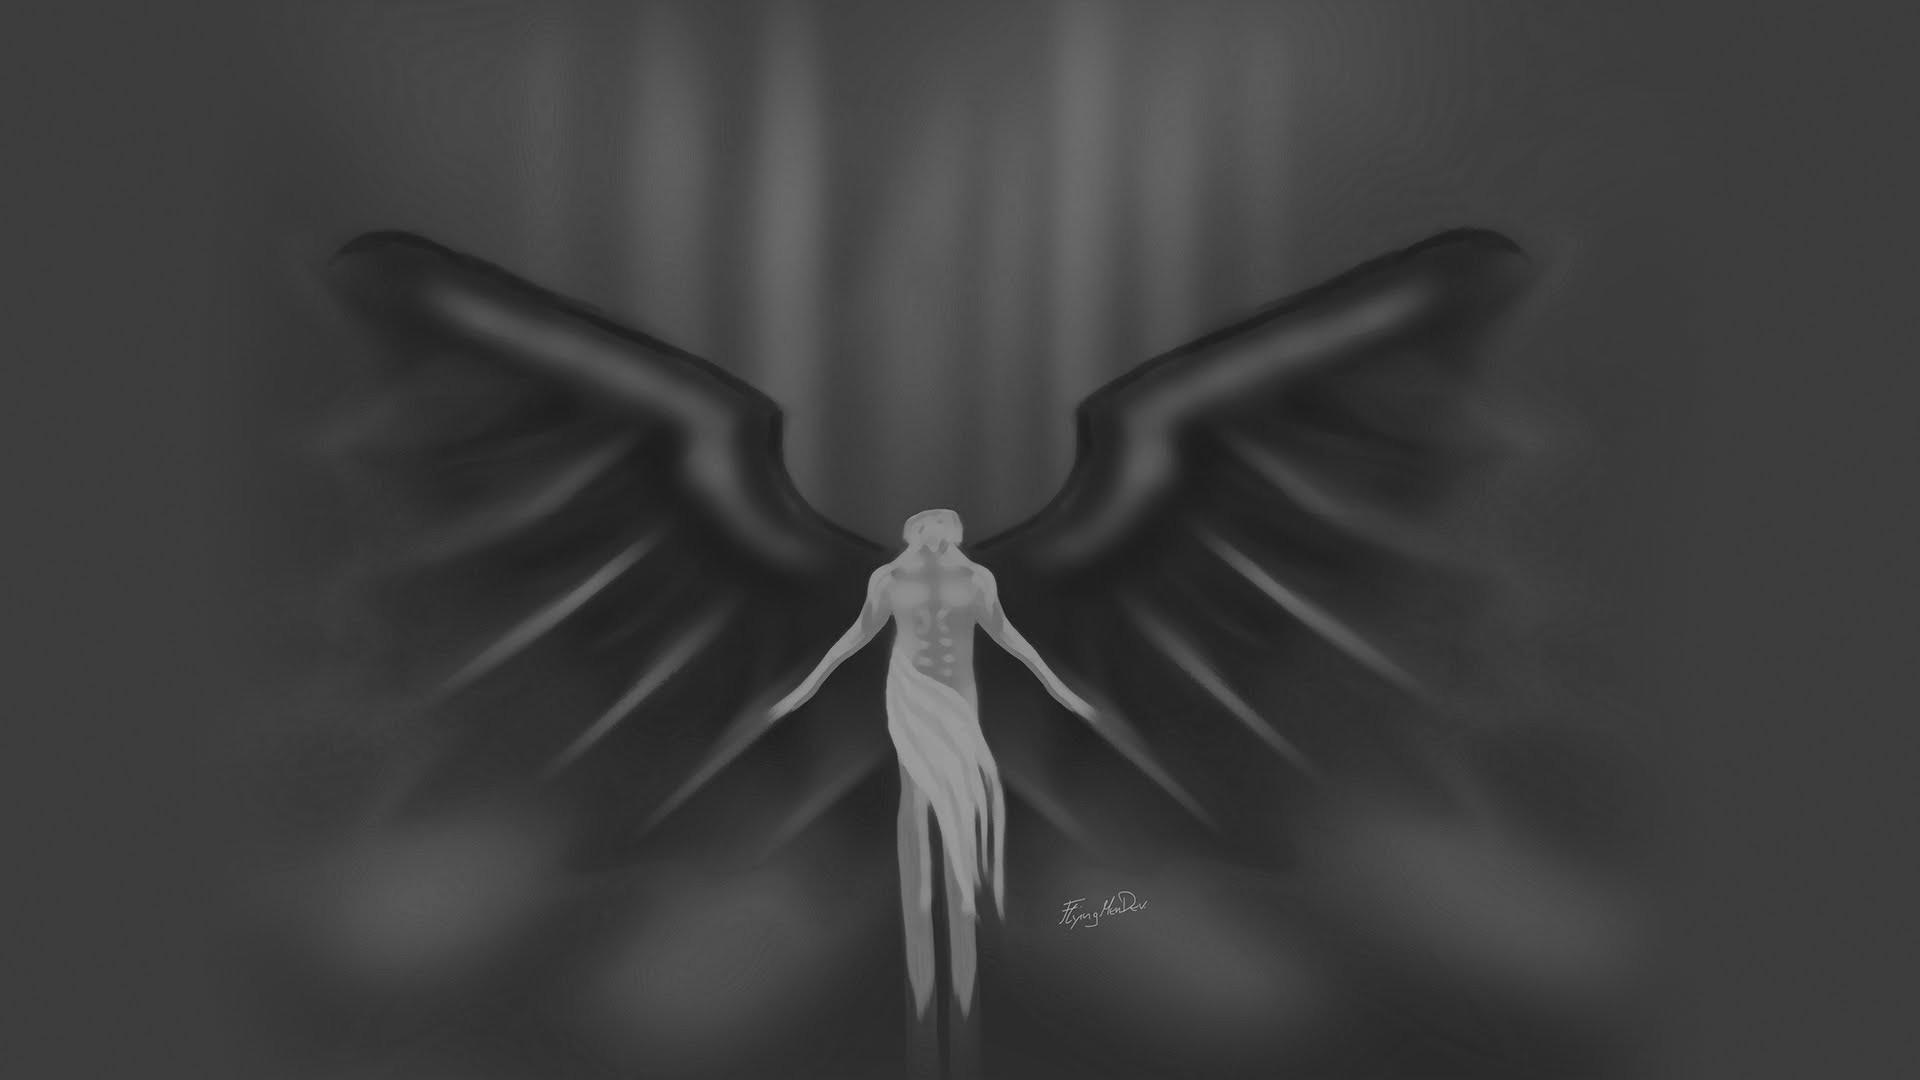 Angel wallpaper 69 pictures - Sad angel wallpaper ...